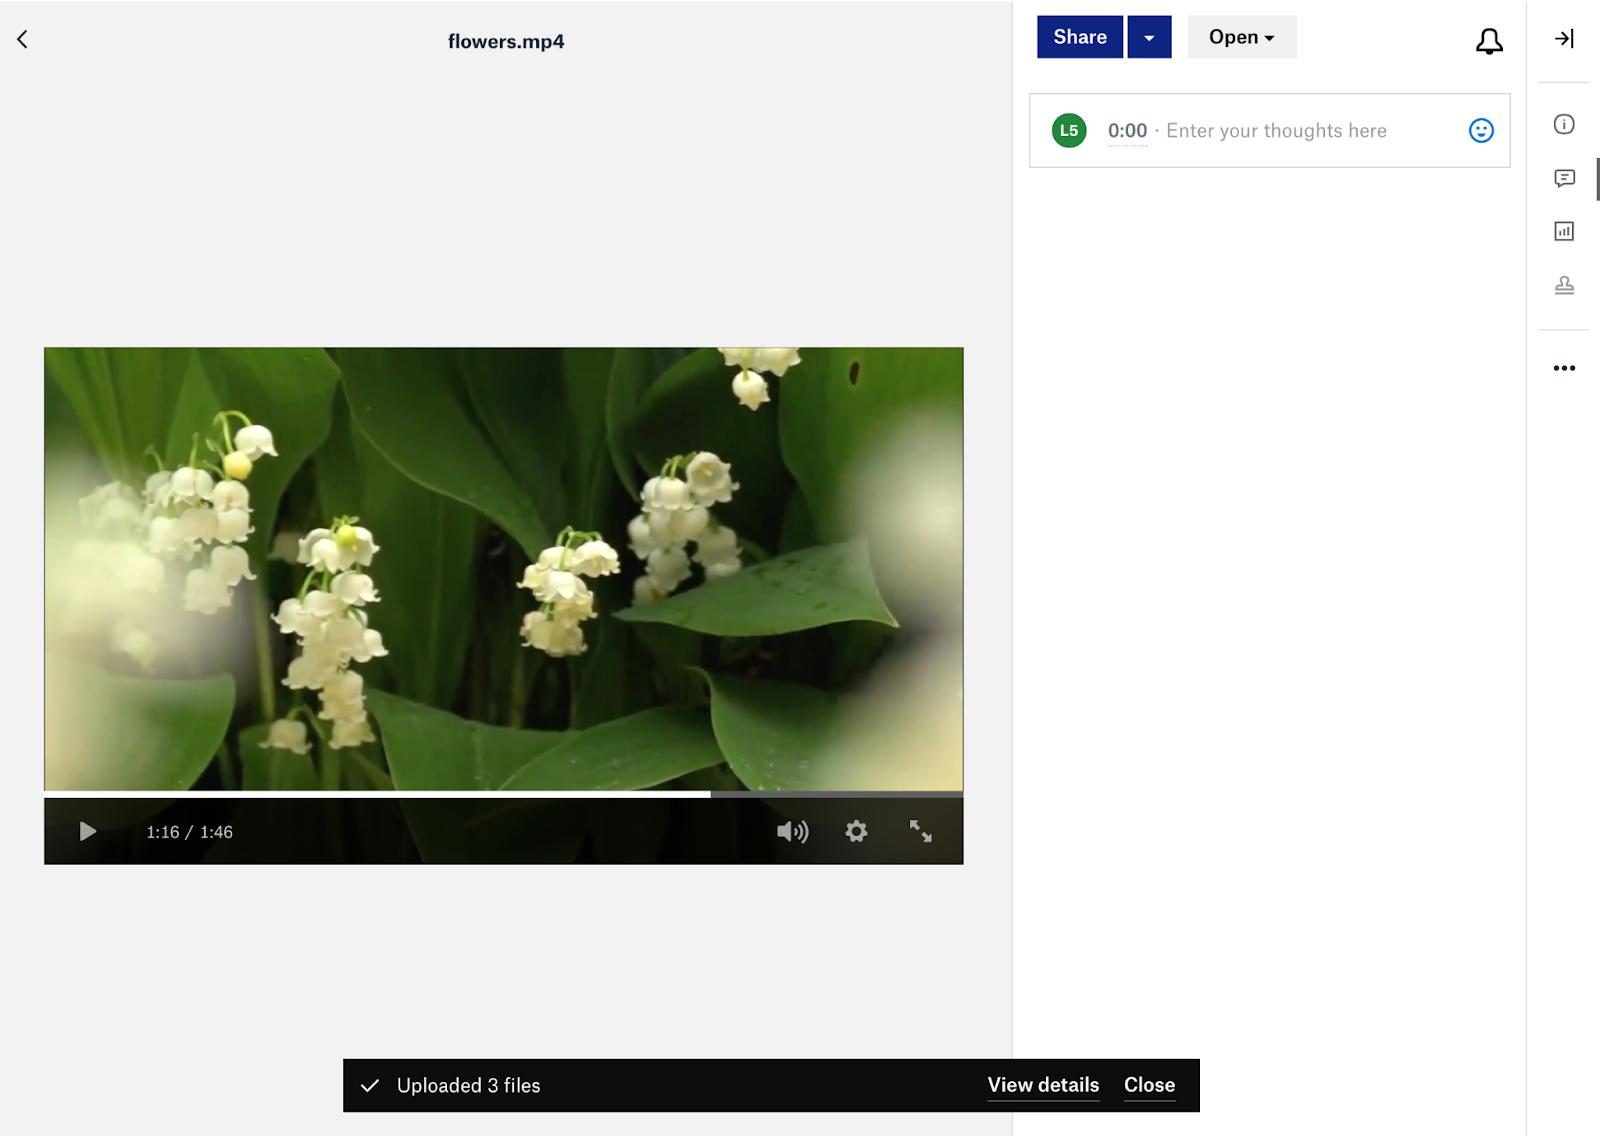 Run the video in Dropbox